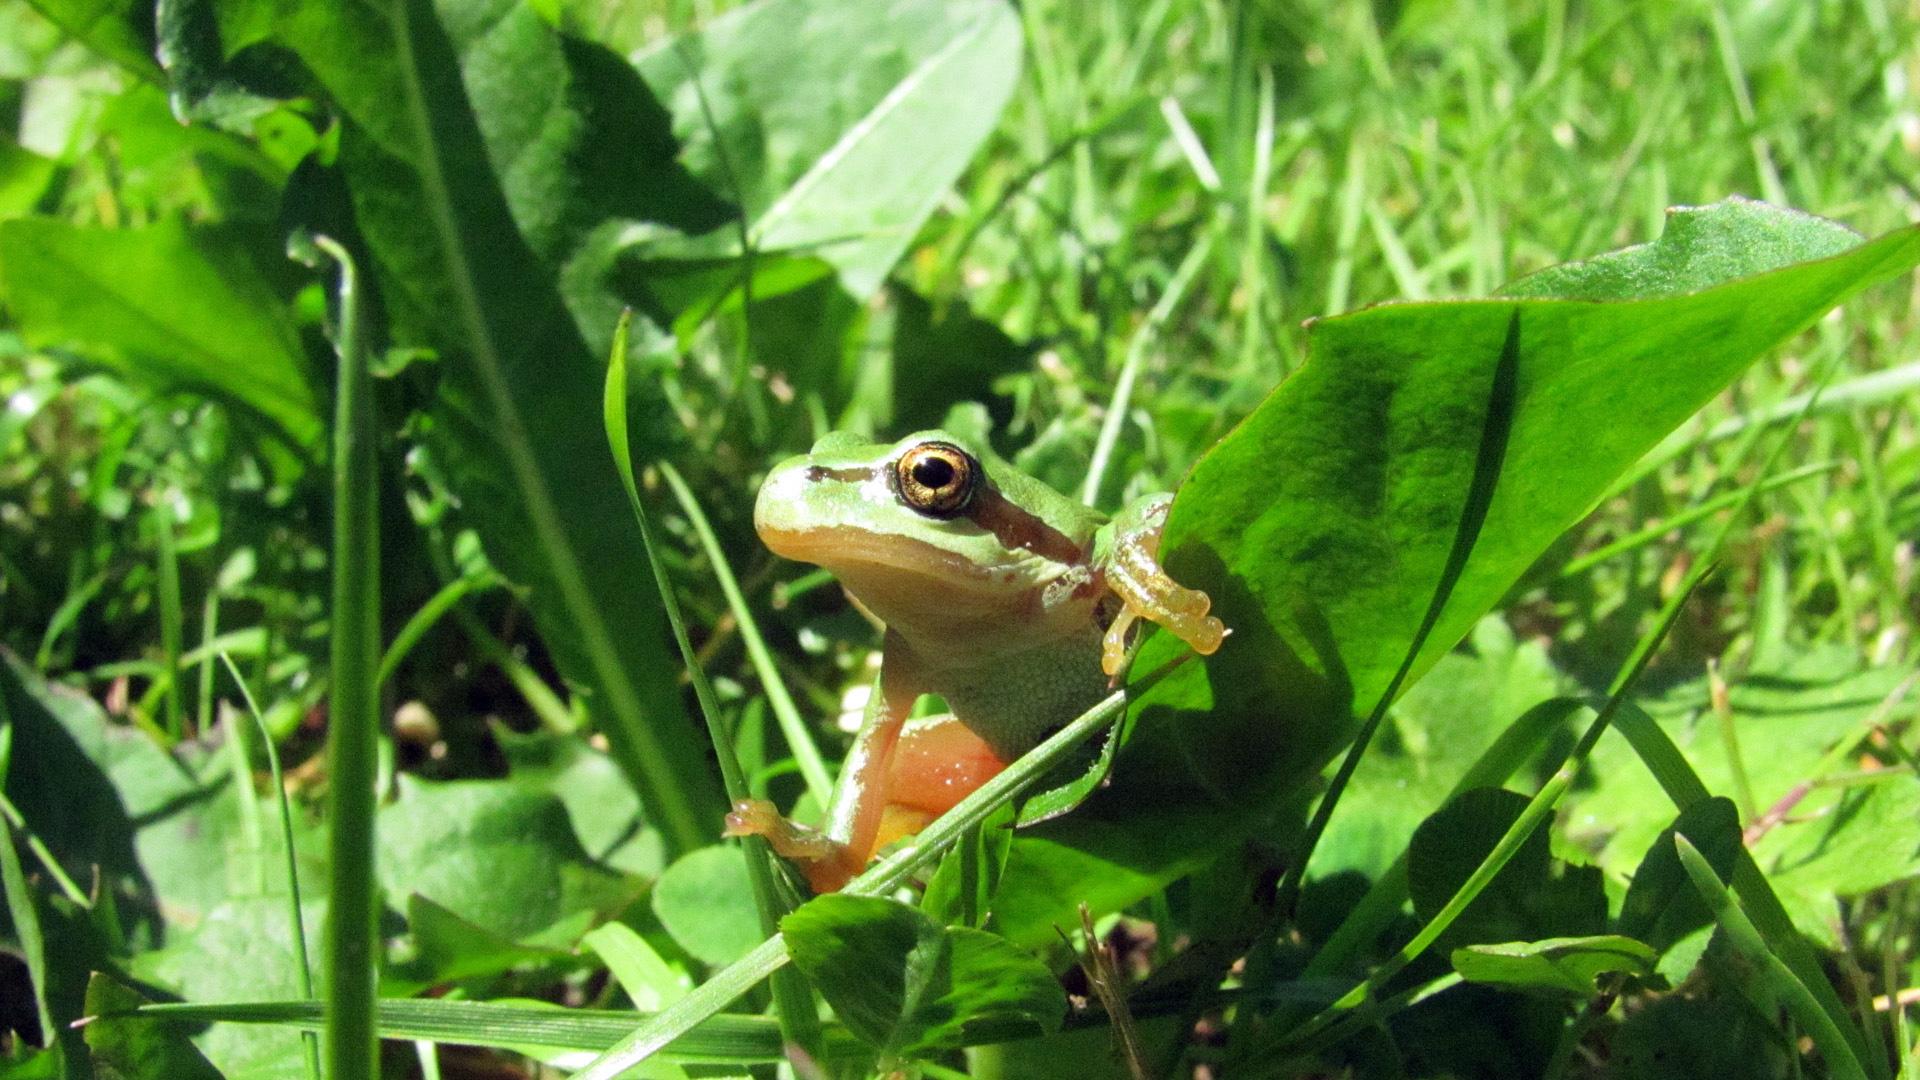 Лягушка в зелёной траве